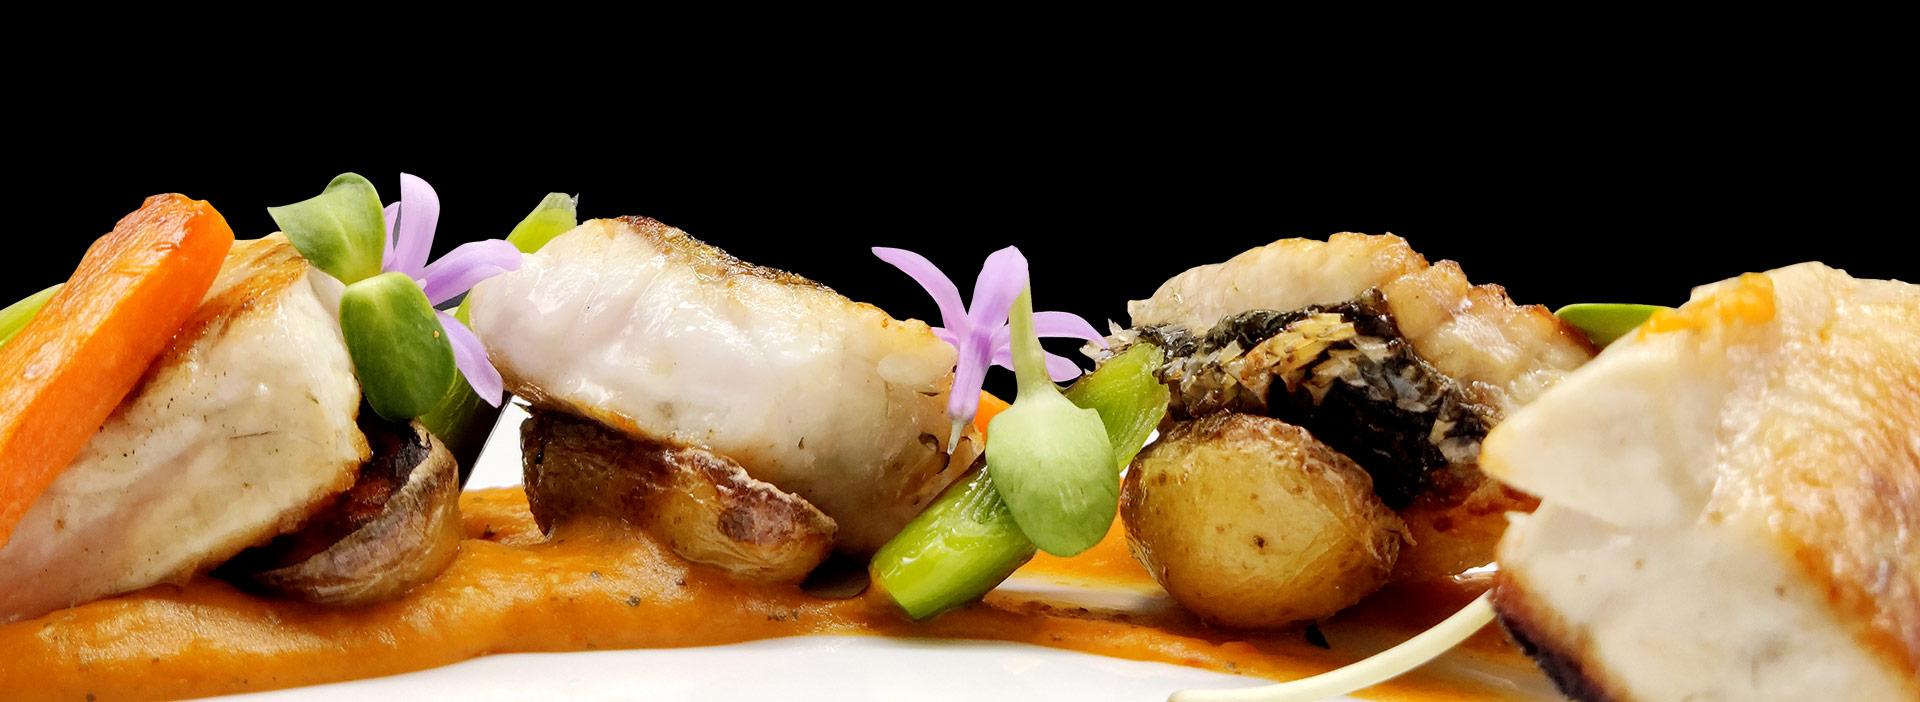 lubina-pescado-del-dia-plaza-canalla-restaurante-alicante-centro-producto01